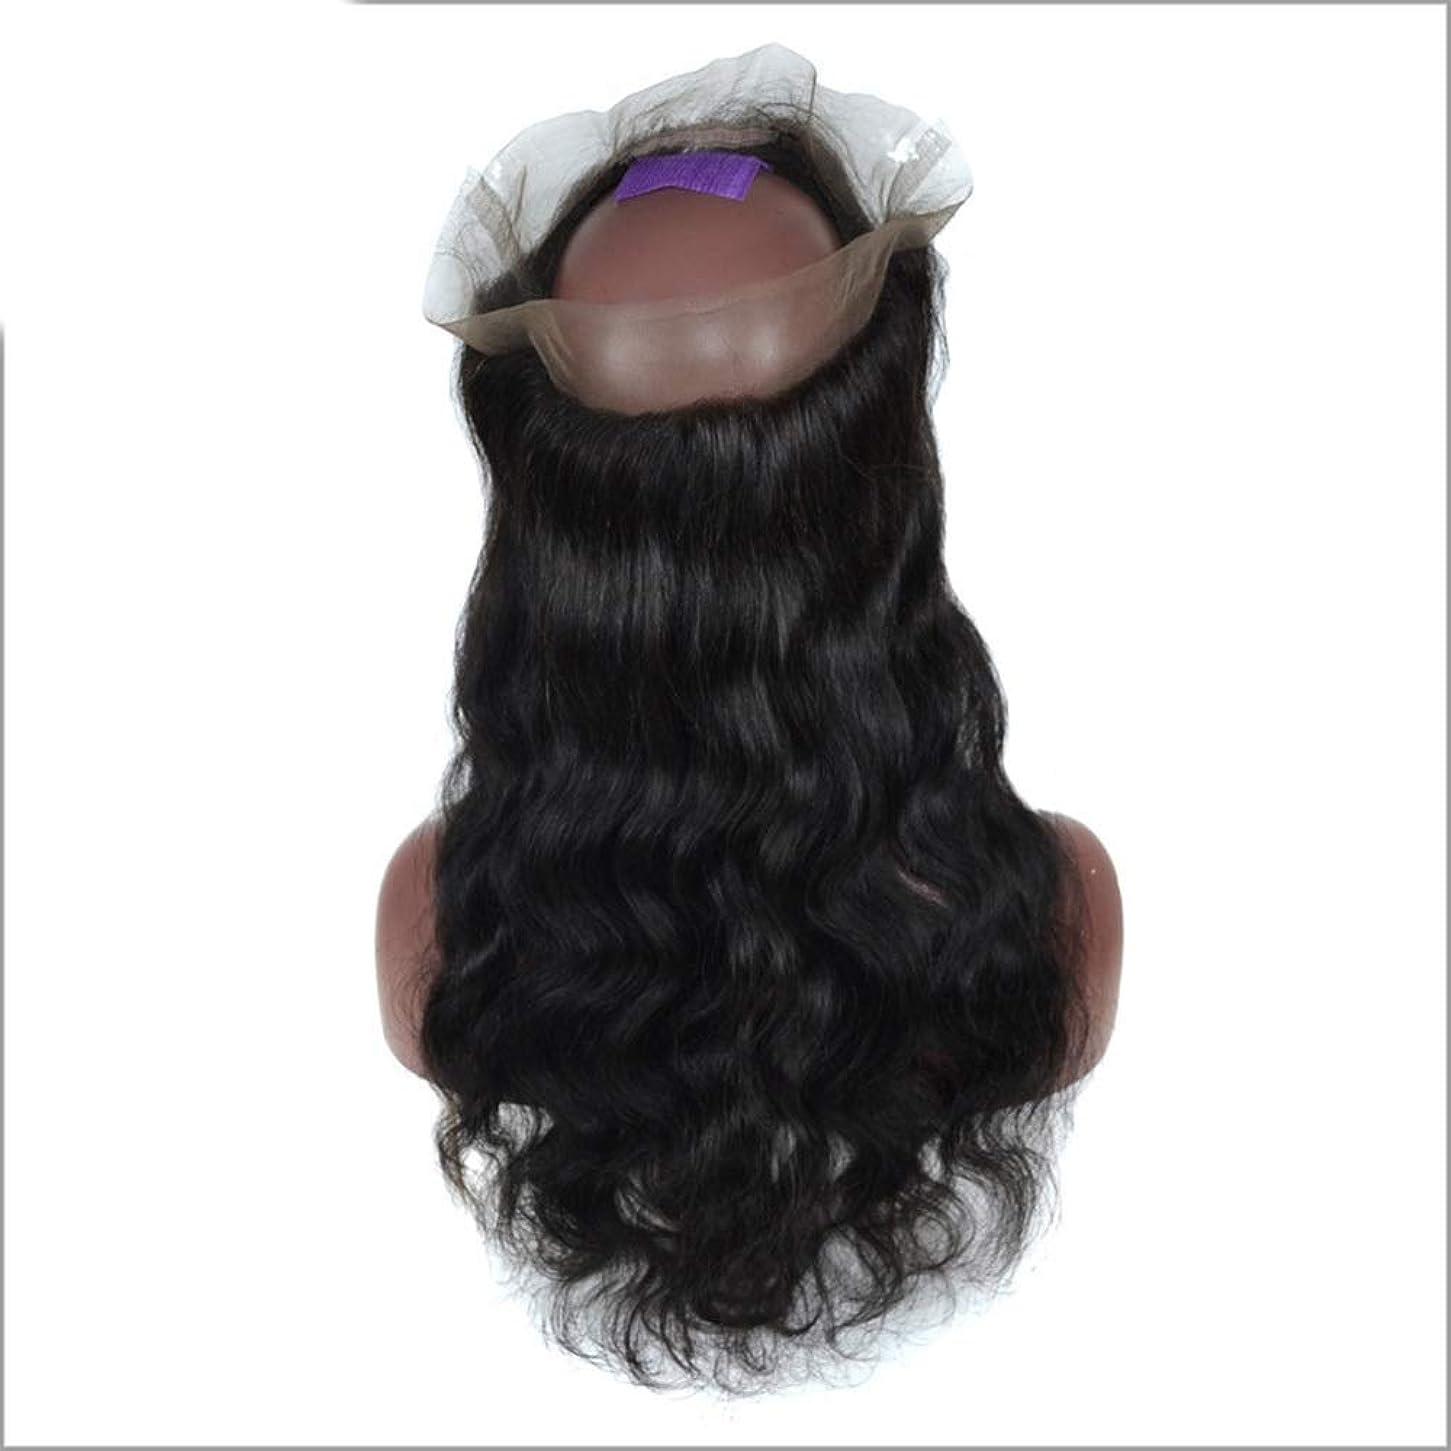 マークされたチーター迷彩かつら 3/4ハーフウィッグブラジルのリアル人間の髪の毛のかつら前部レースの実体波クリップ半分ウィッグパーティーかつら (色 : 黒, サイズ : 12 inch)